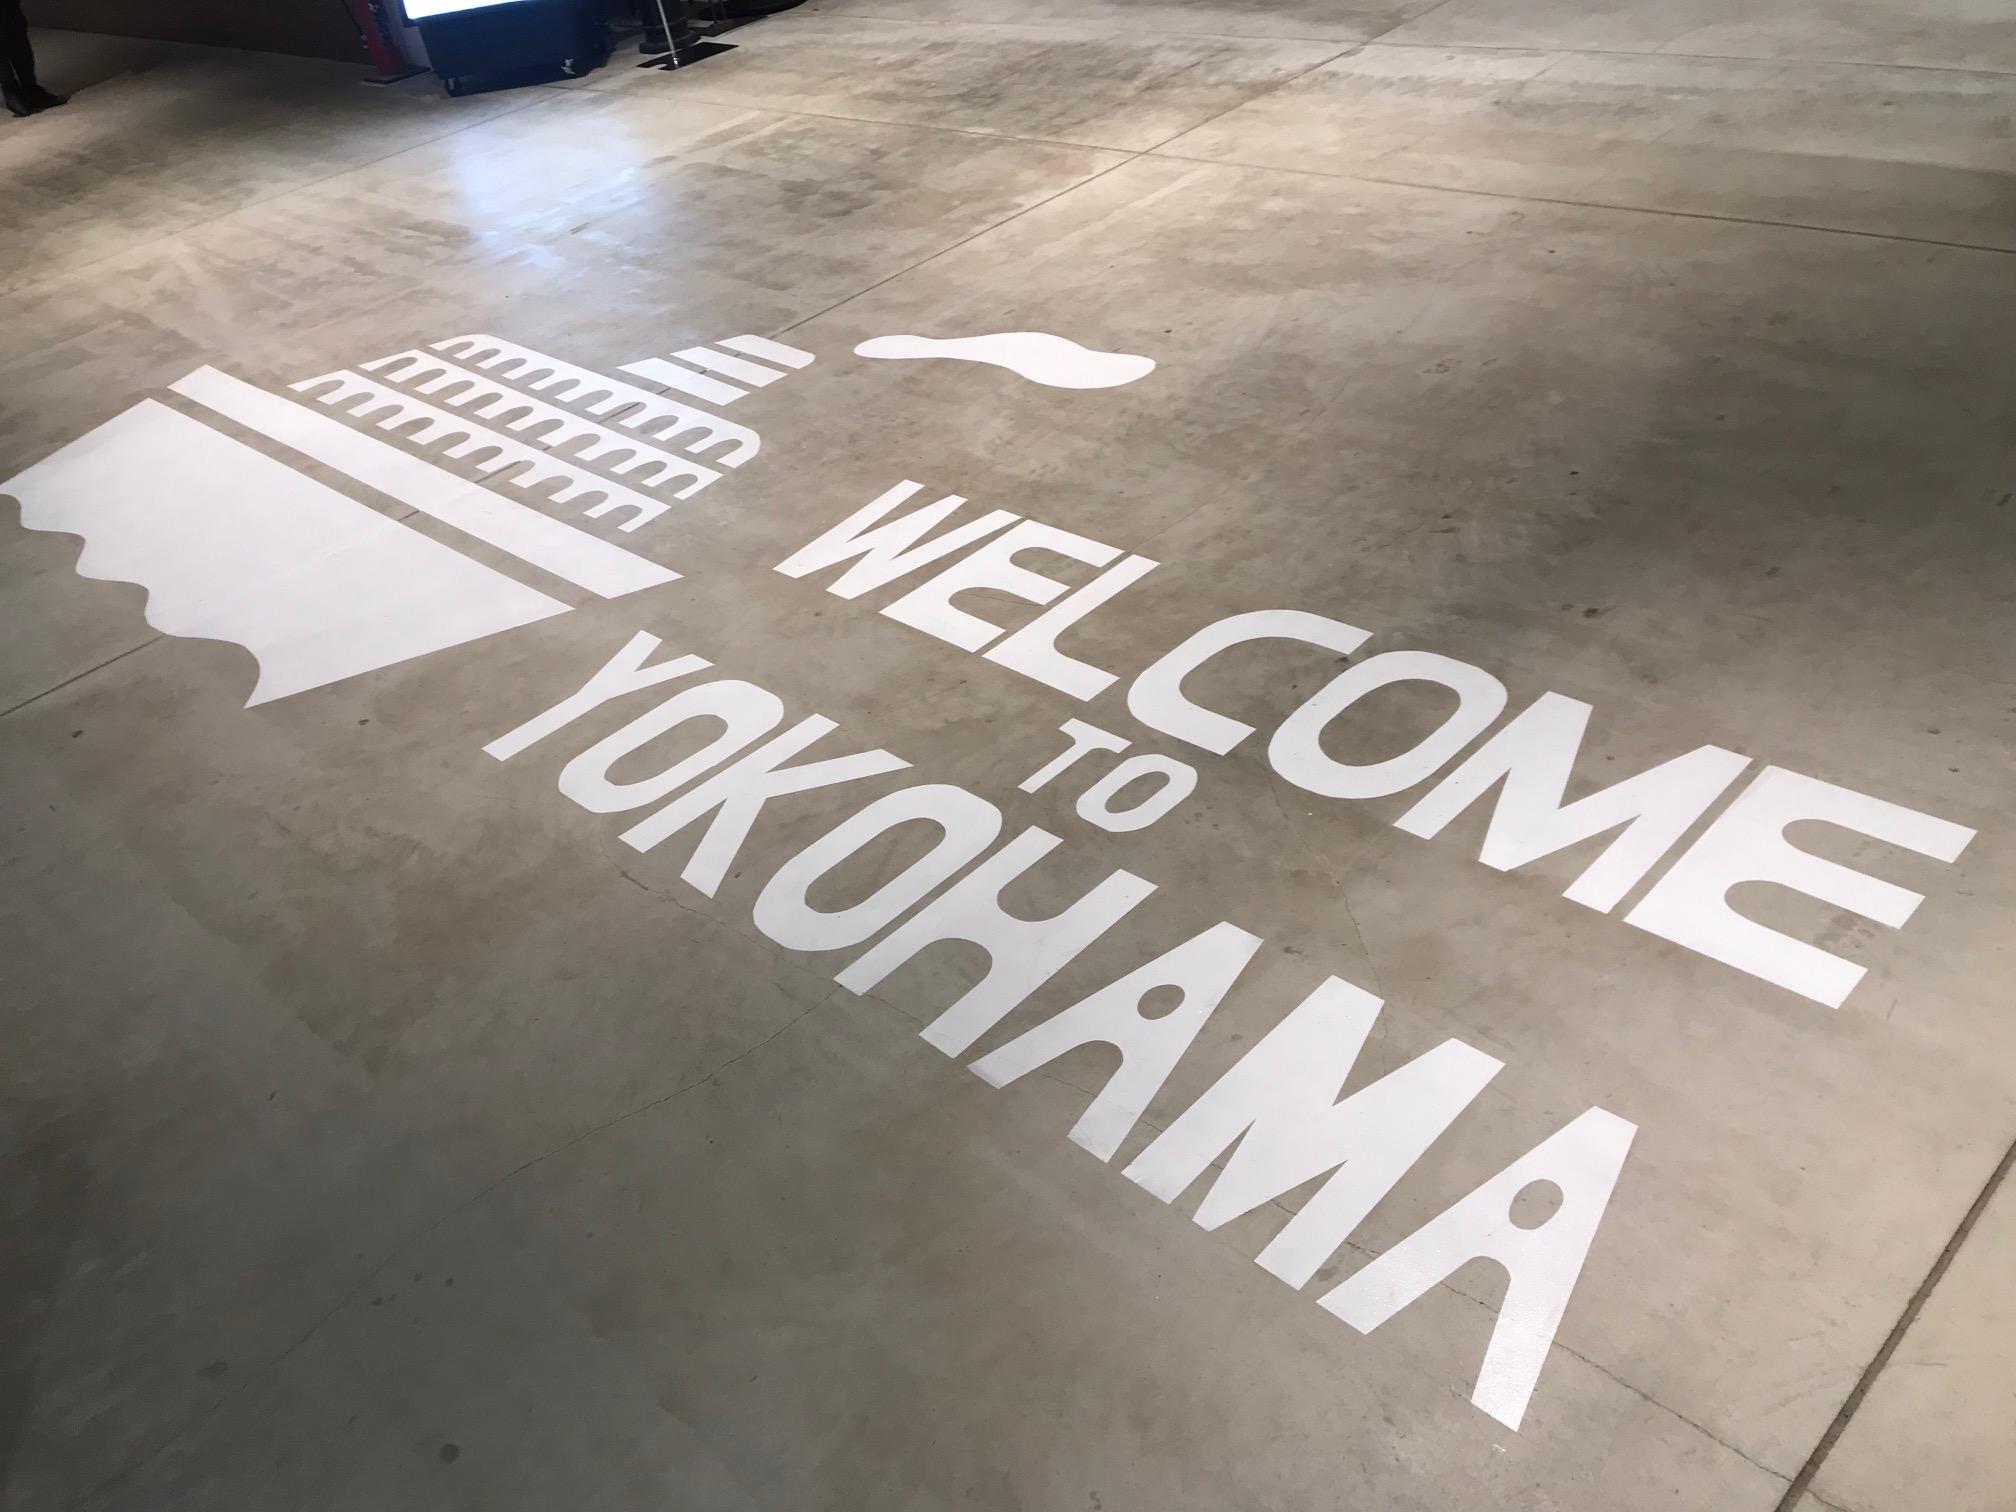 みなとみらい新スポット『横浜ハンマーヘッド』がオープン! おしゃれカフェ、お土産におすすめなグルメショップ5選_21